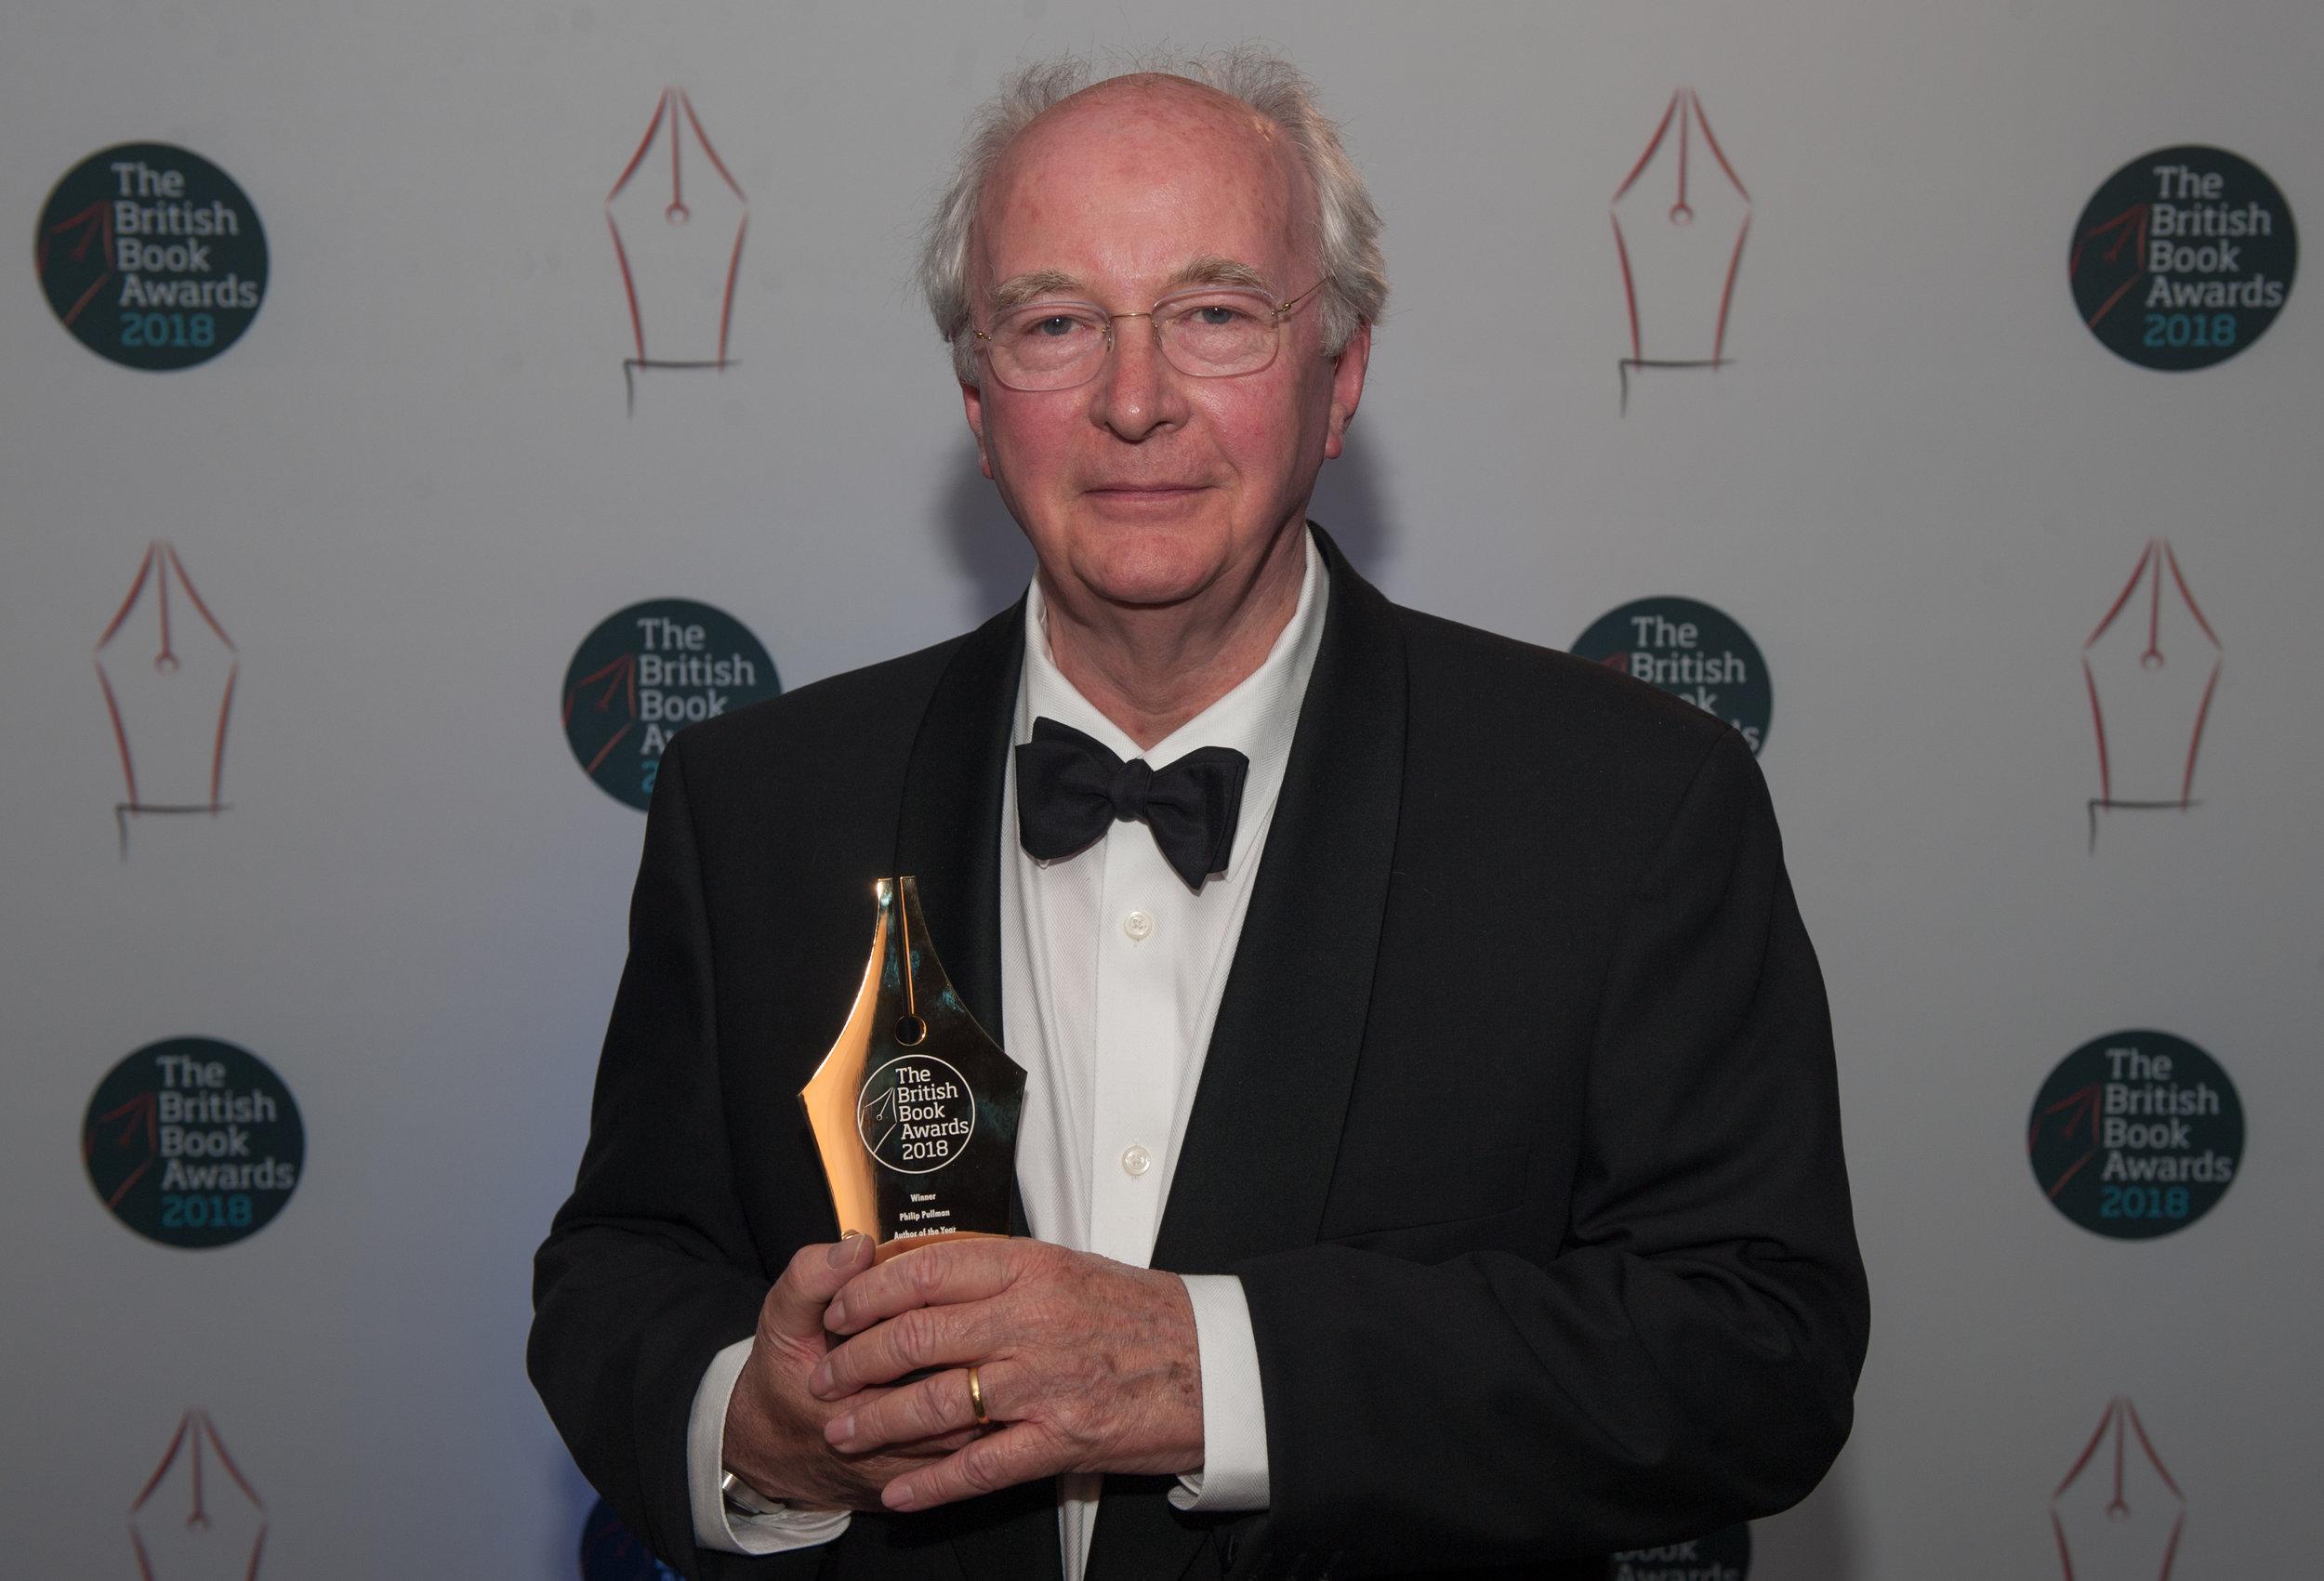 Philip Pullman Author of the Year winner British Book Awards.jpg